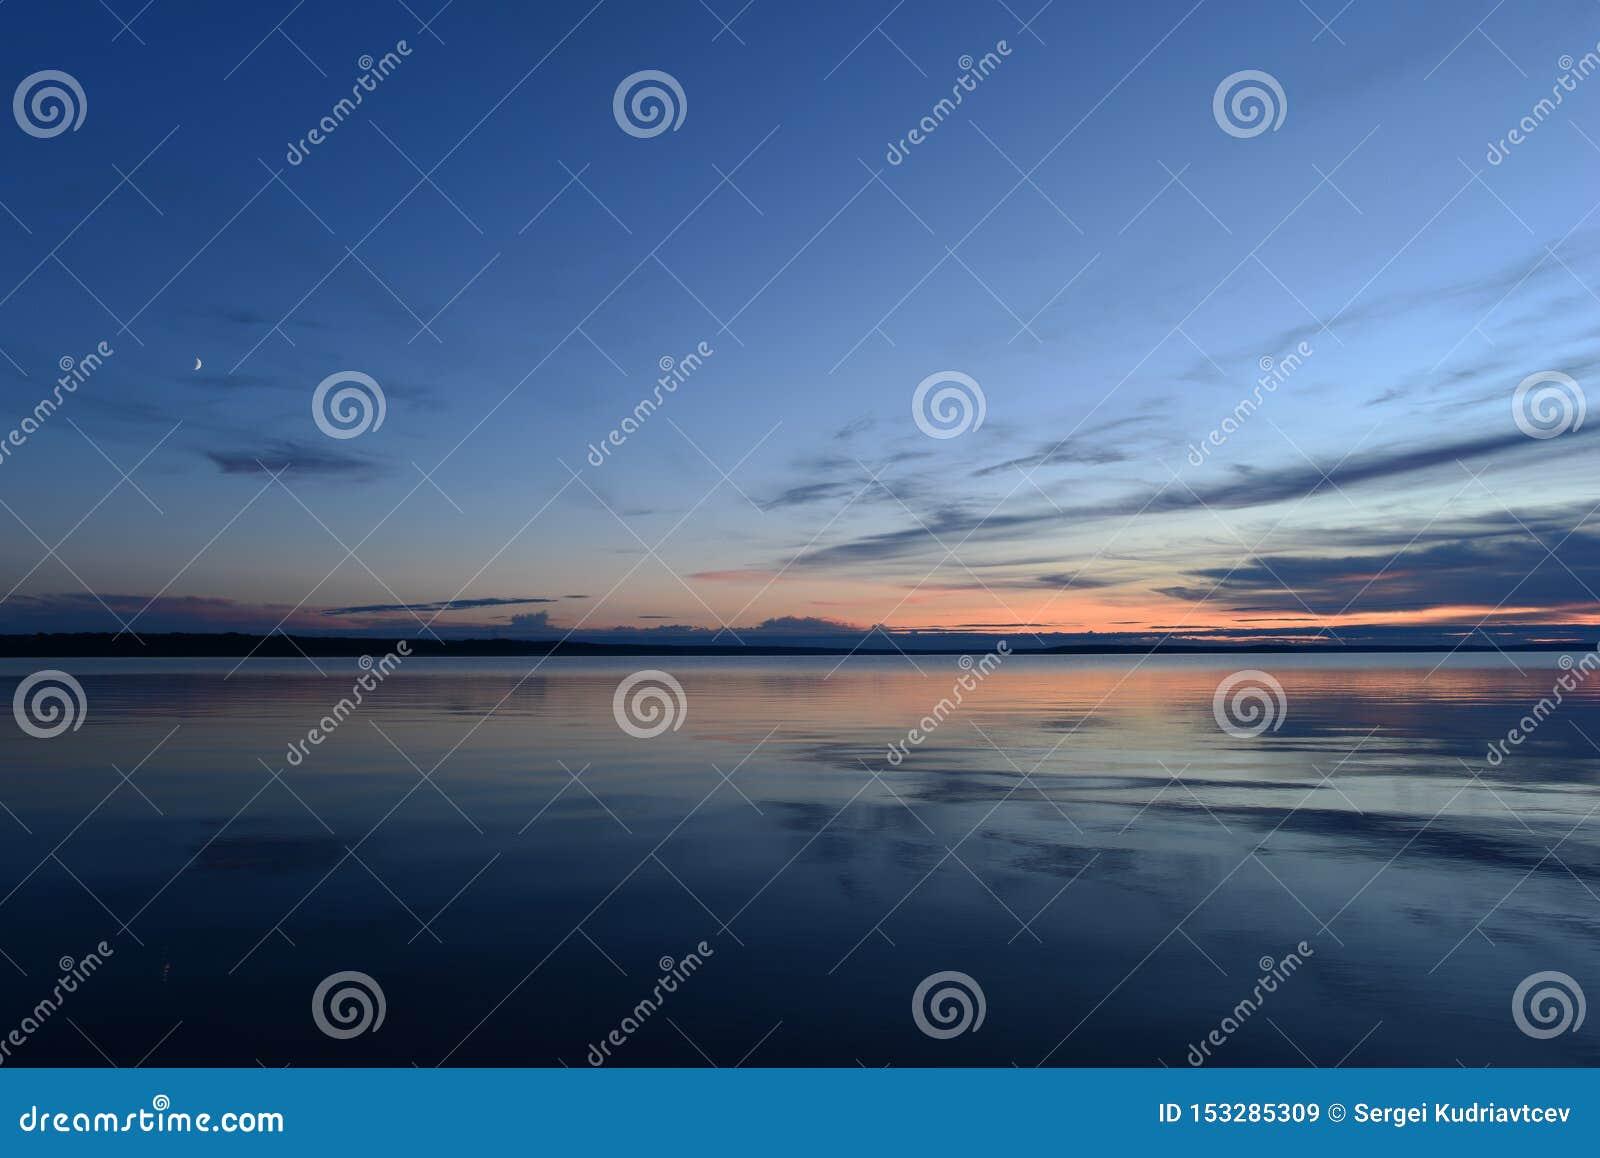 Ανατολή του φεγγαριού στο φως λυκόφατος στο μπλε ουρανό στο ηλιοβασίλεμα πέρα από το ήρεμο νερό καθρεφτών της λίμνης